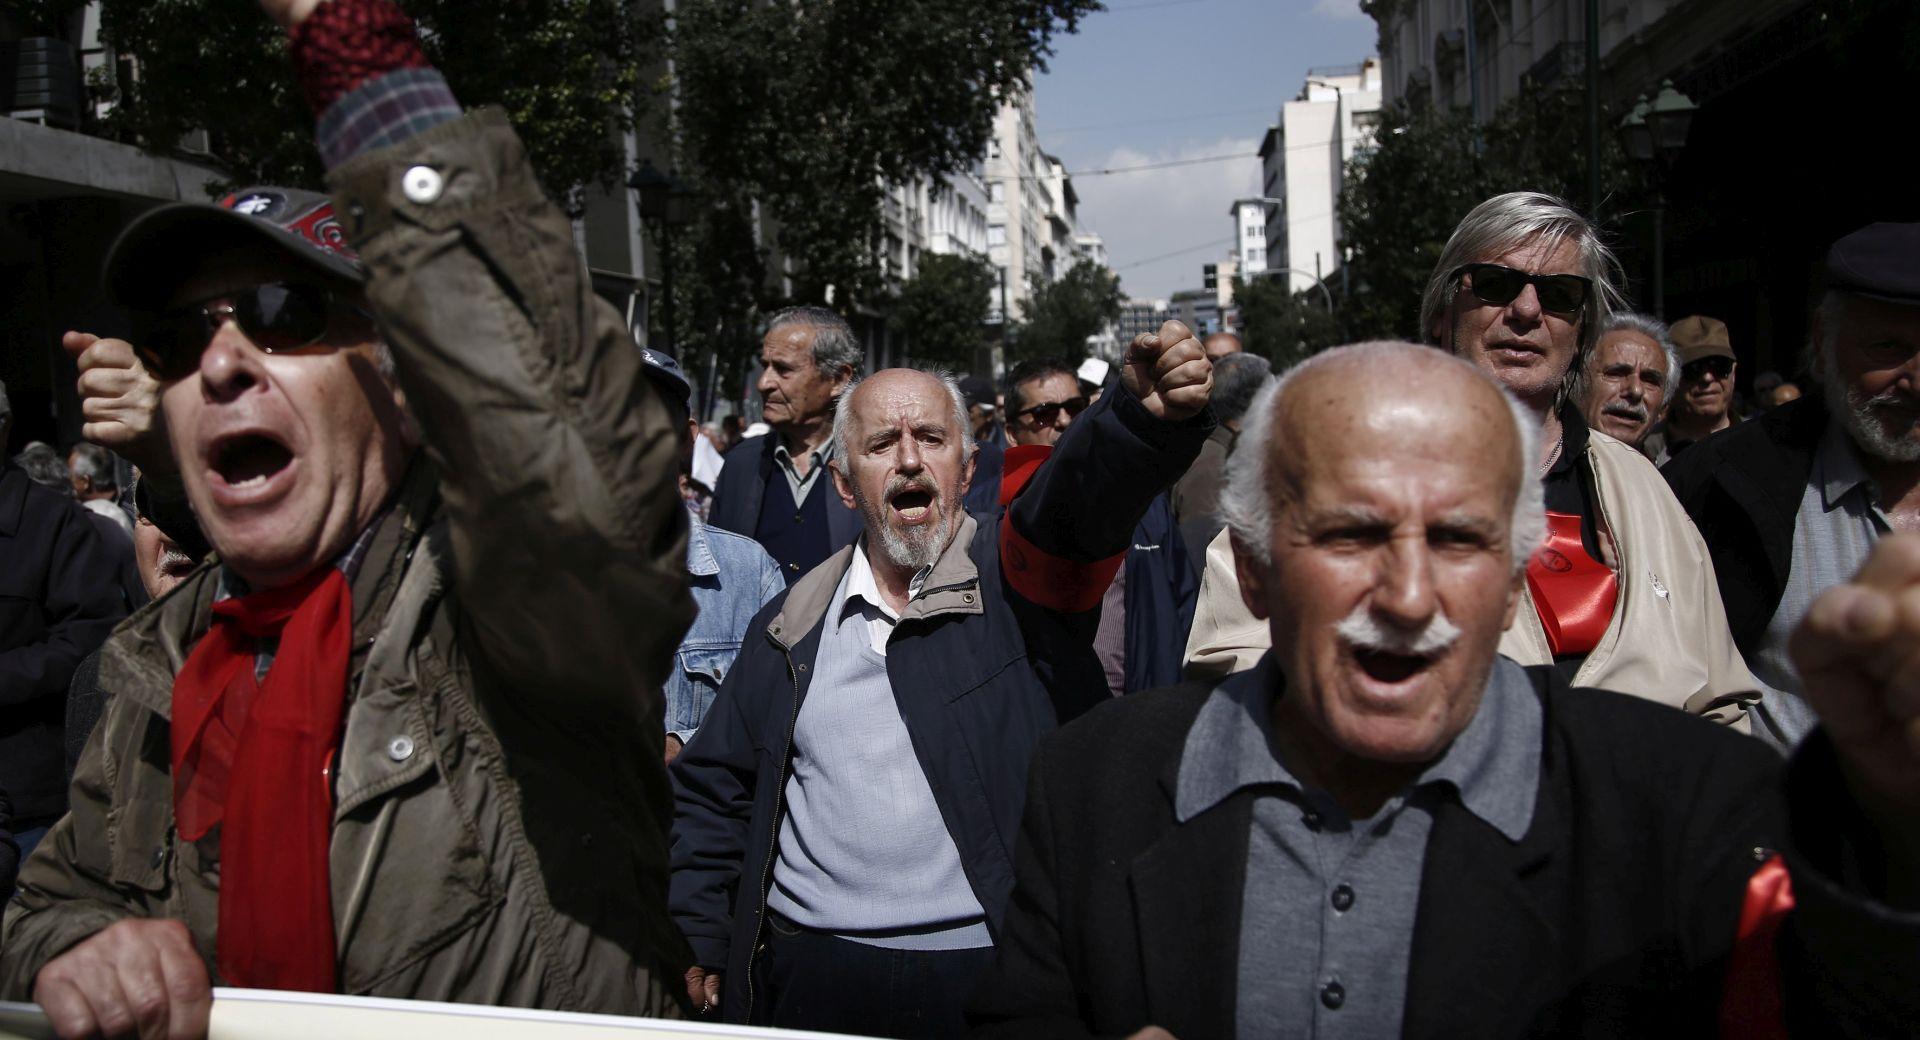 PRAZNIK RADA U GRČKOJ Prosvjedi i štrajk protiv novih mjera štednje